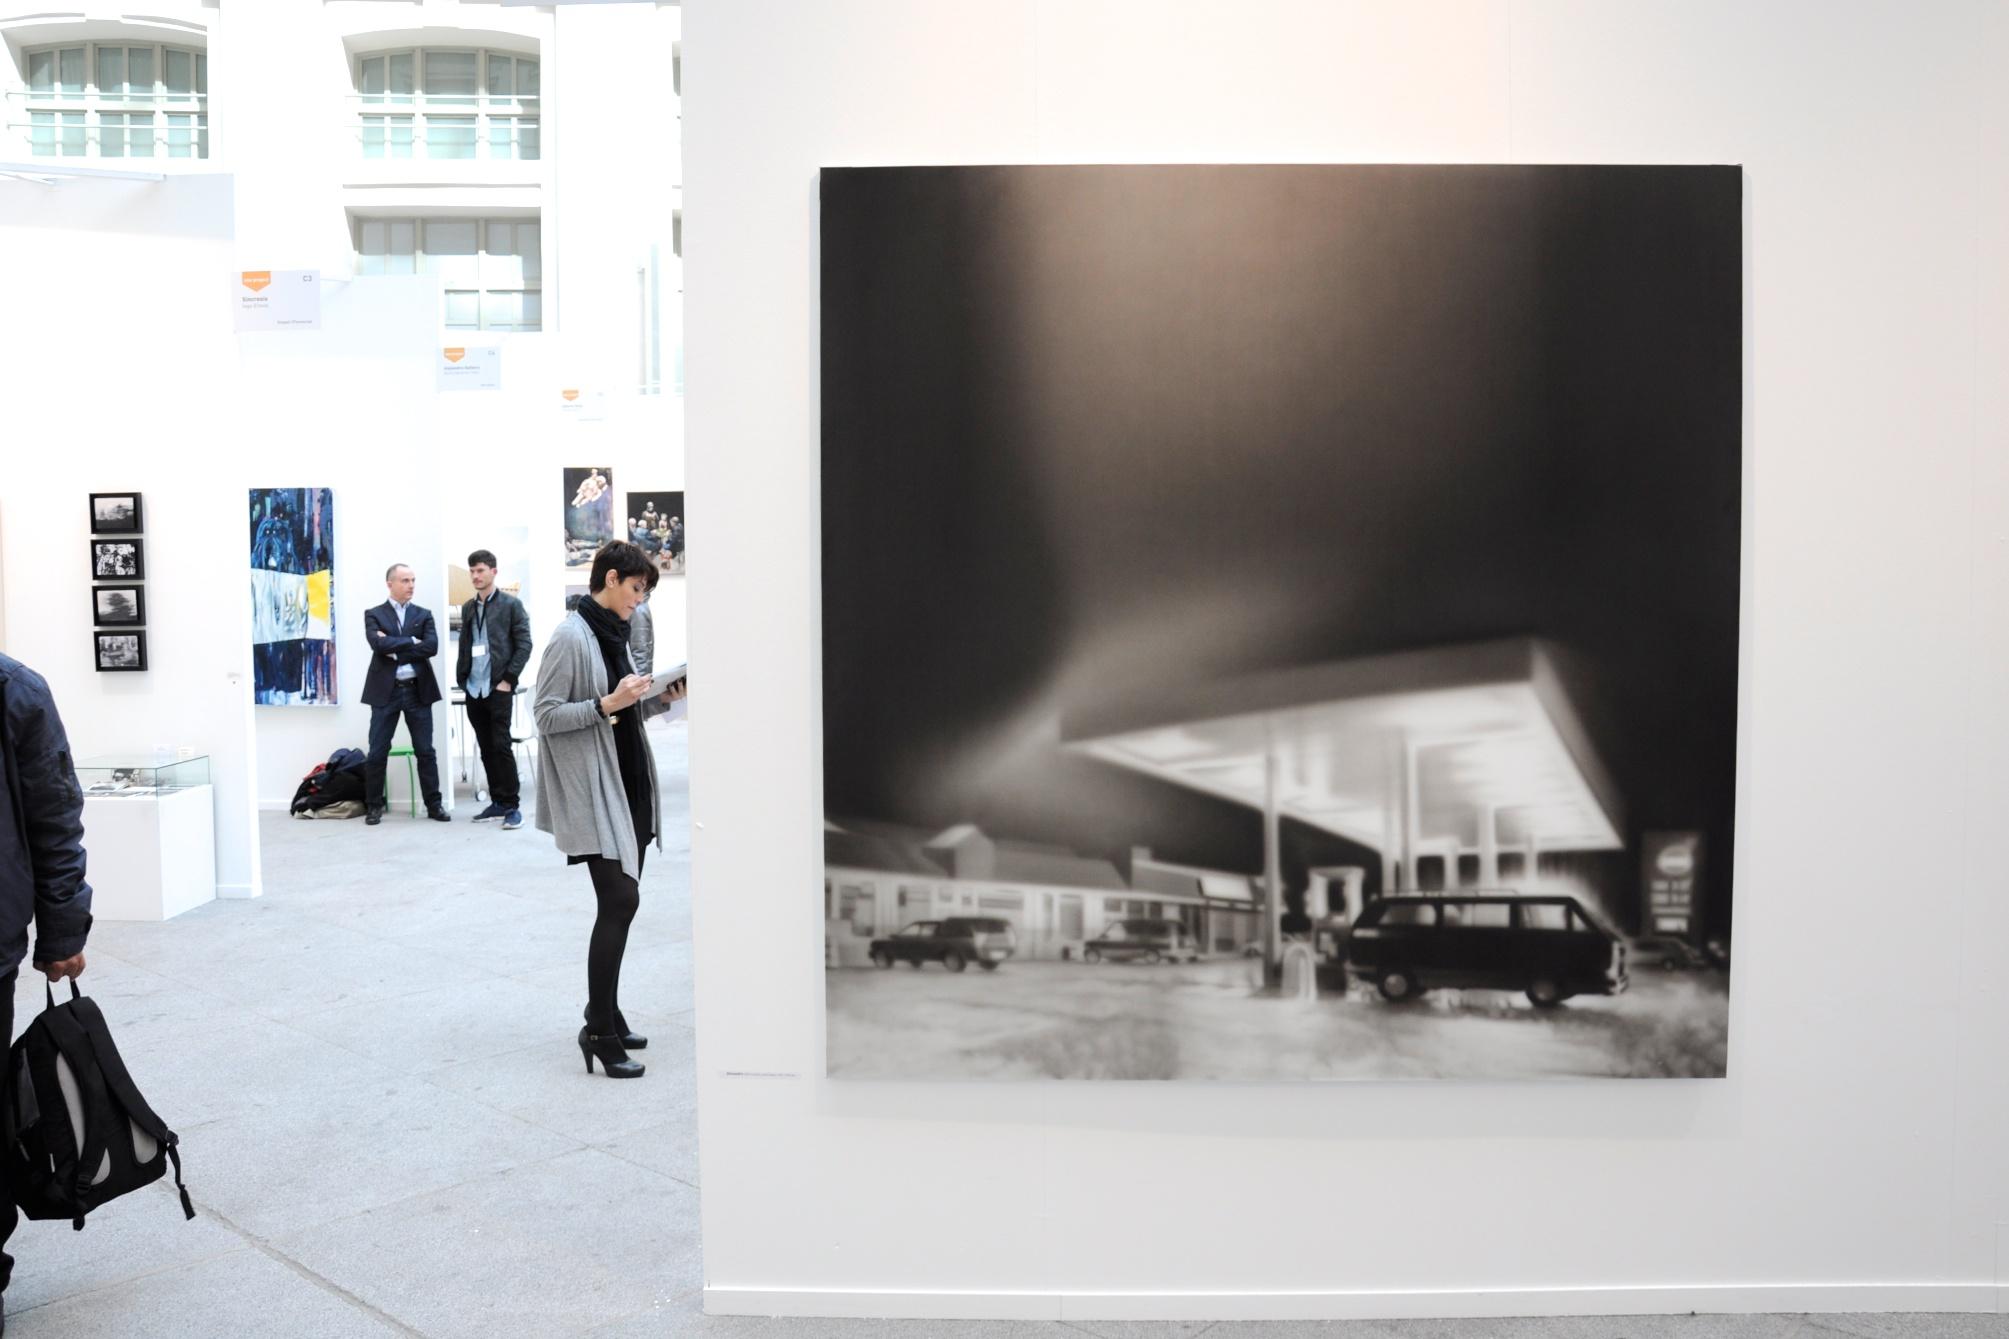 Galerias de arte contemporáneo España. Salamanca Espacio Nuca Eduardo Nuca ferias exposiciones eventos exhibiciones galería arte artístico artistas conceptual